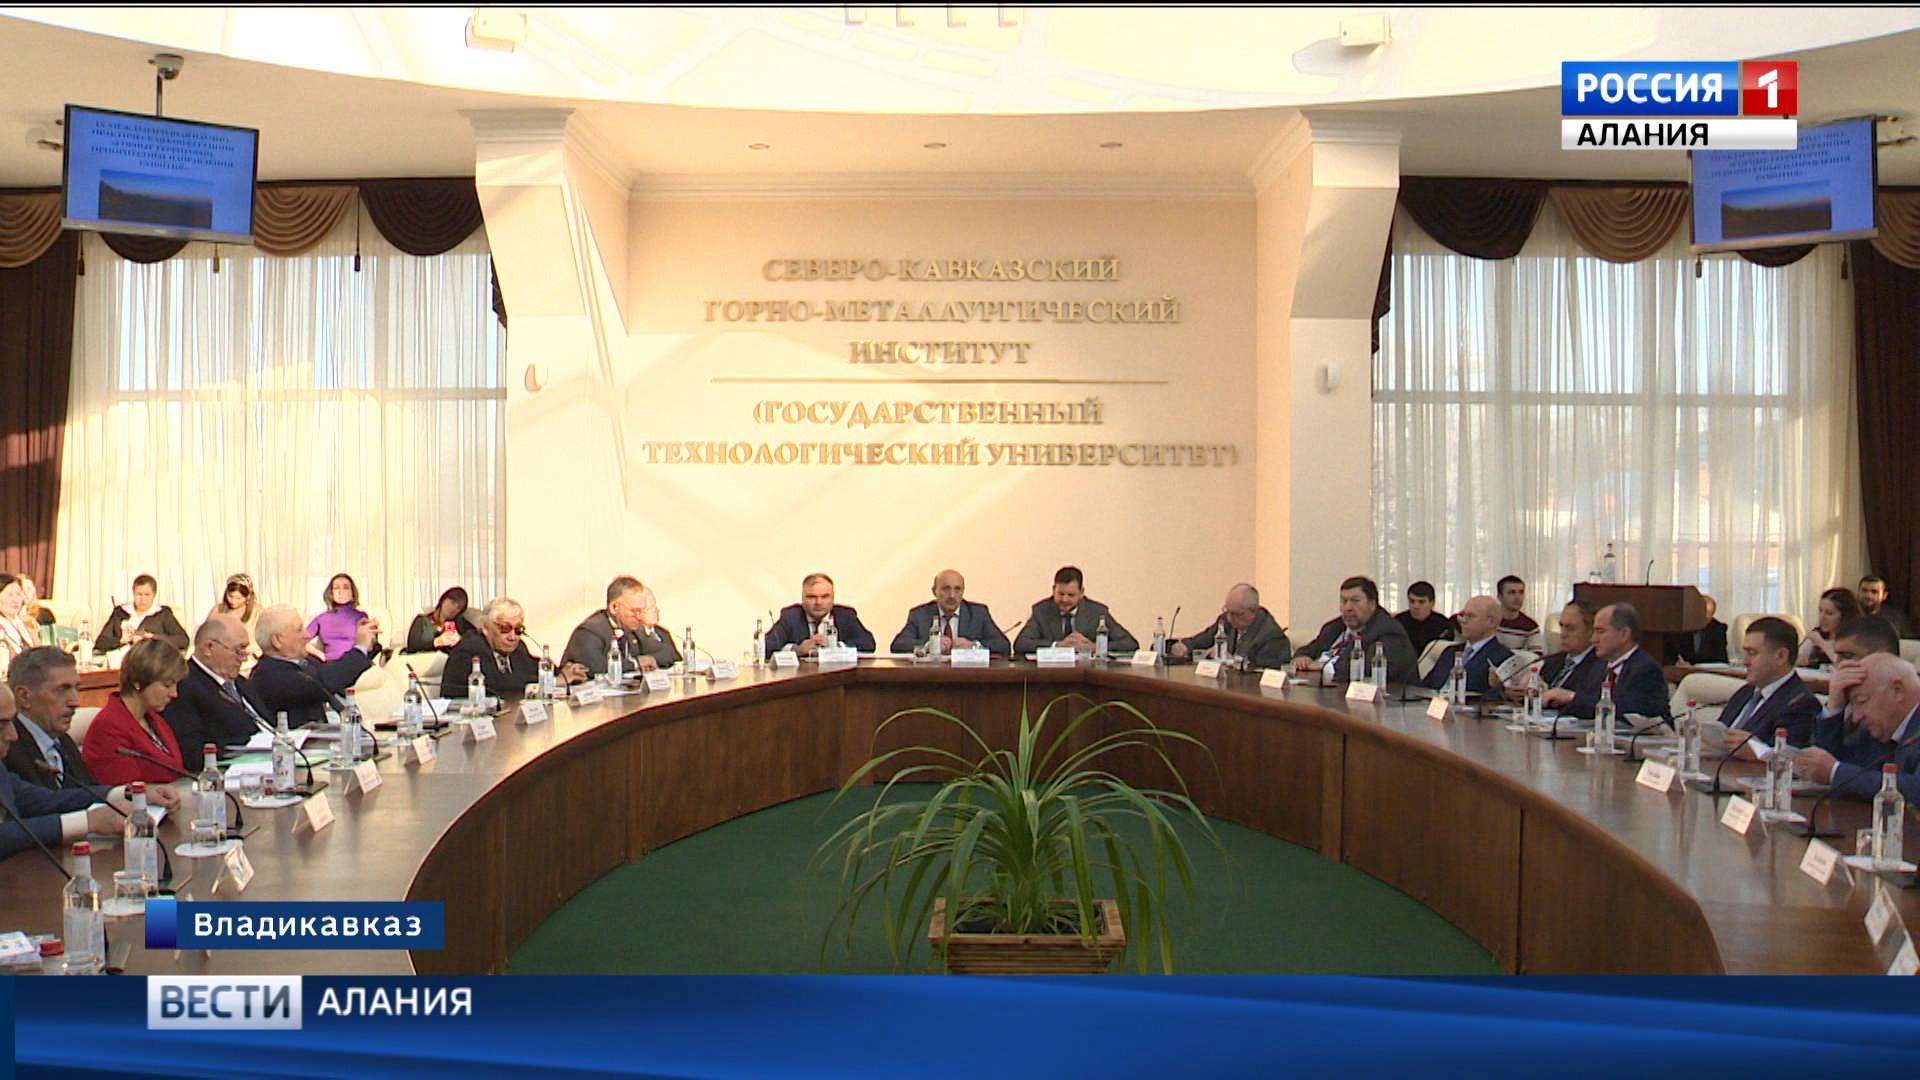 Специалист ЮНЕСКО предложил создать в Северной Осетии первый на Северном Кавказе геопарк